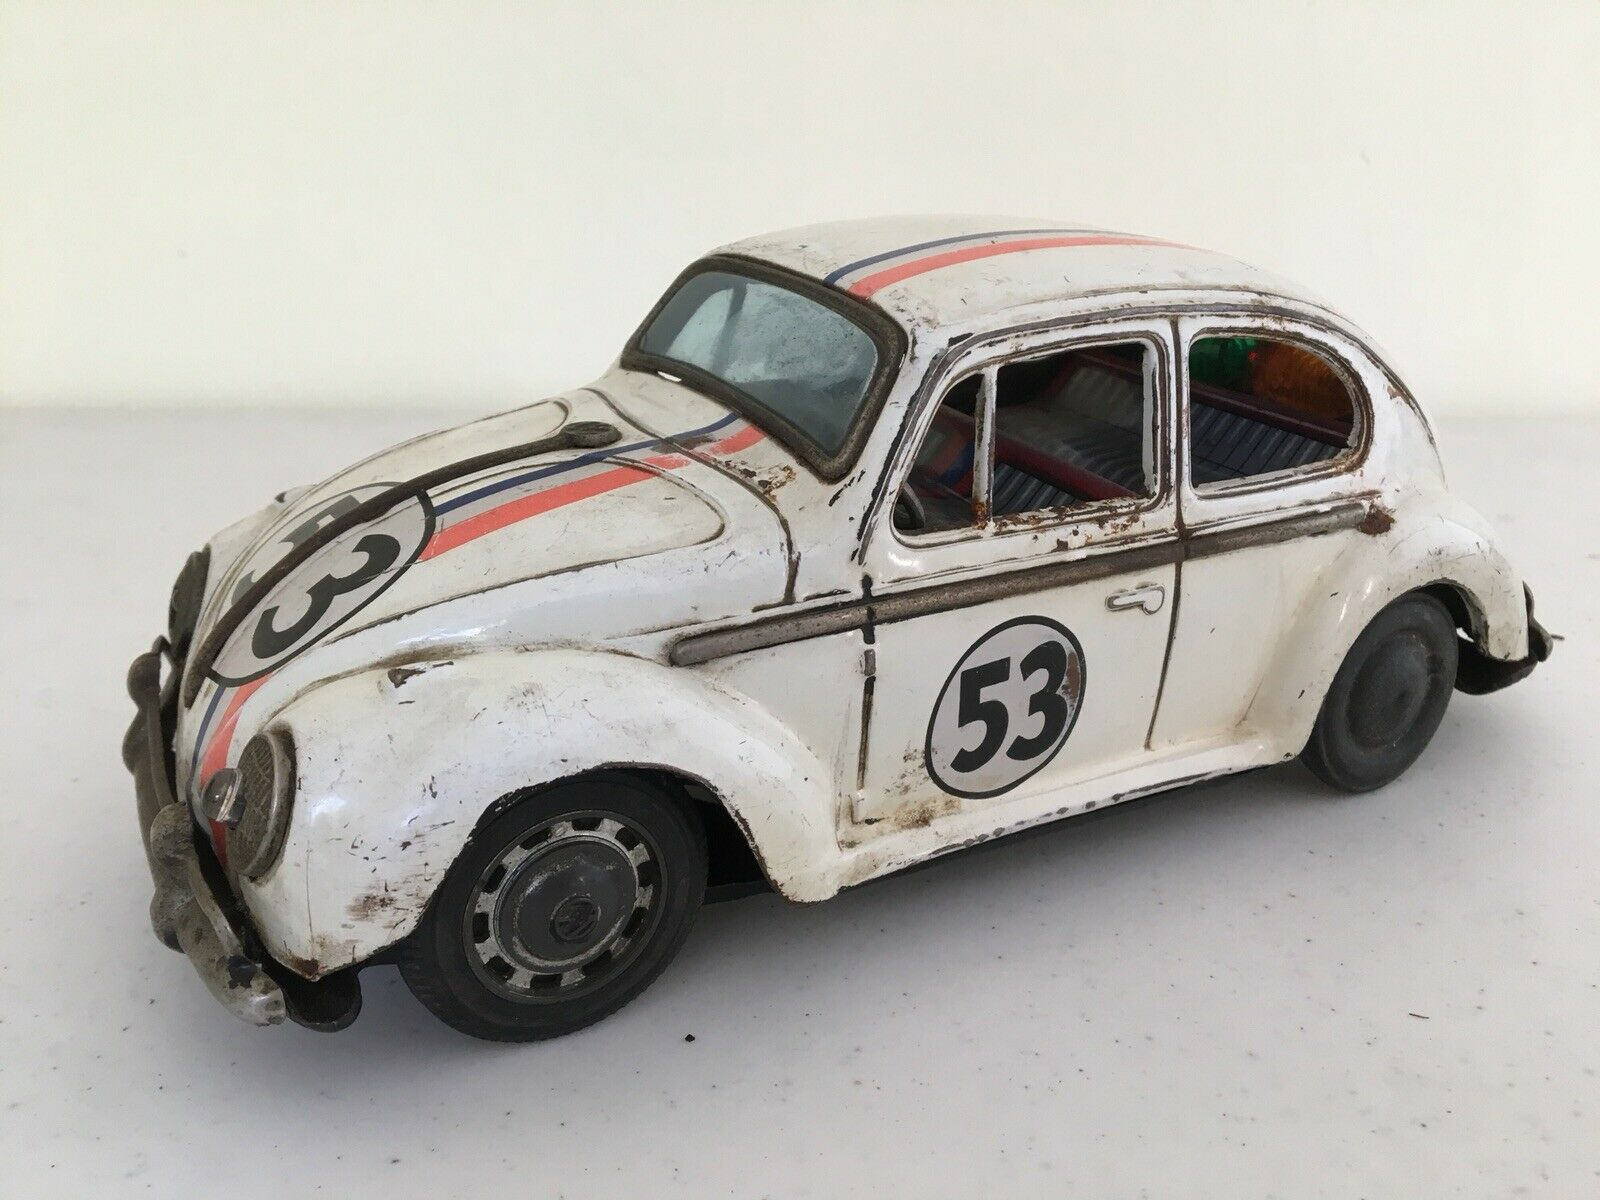 VW Bug EsCocheabajo 53 Herbie Lata Hecha En Japón 1966, 9 Pulgadas Muy Raro